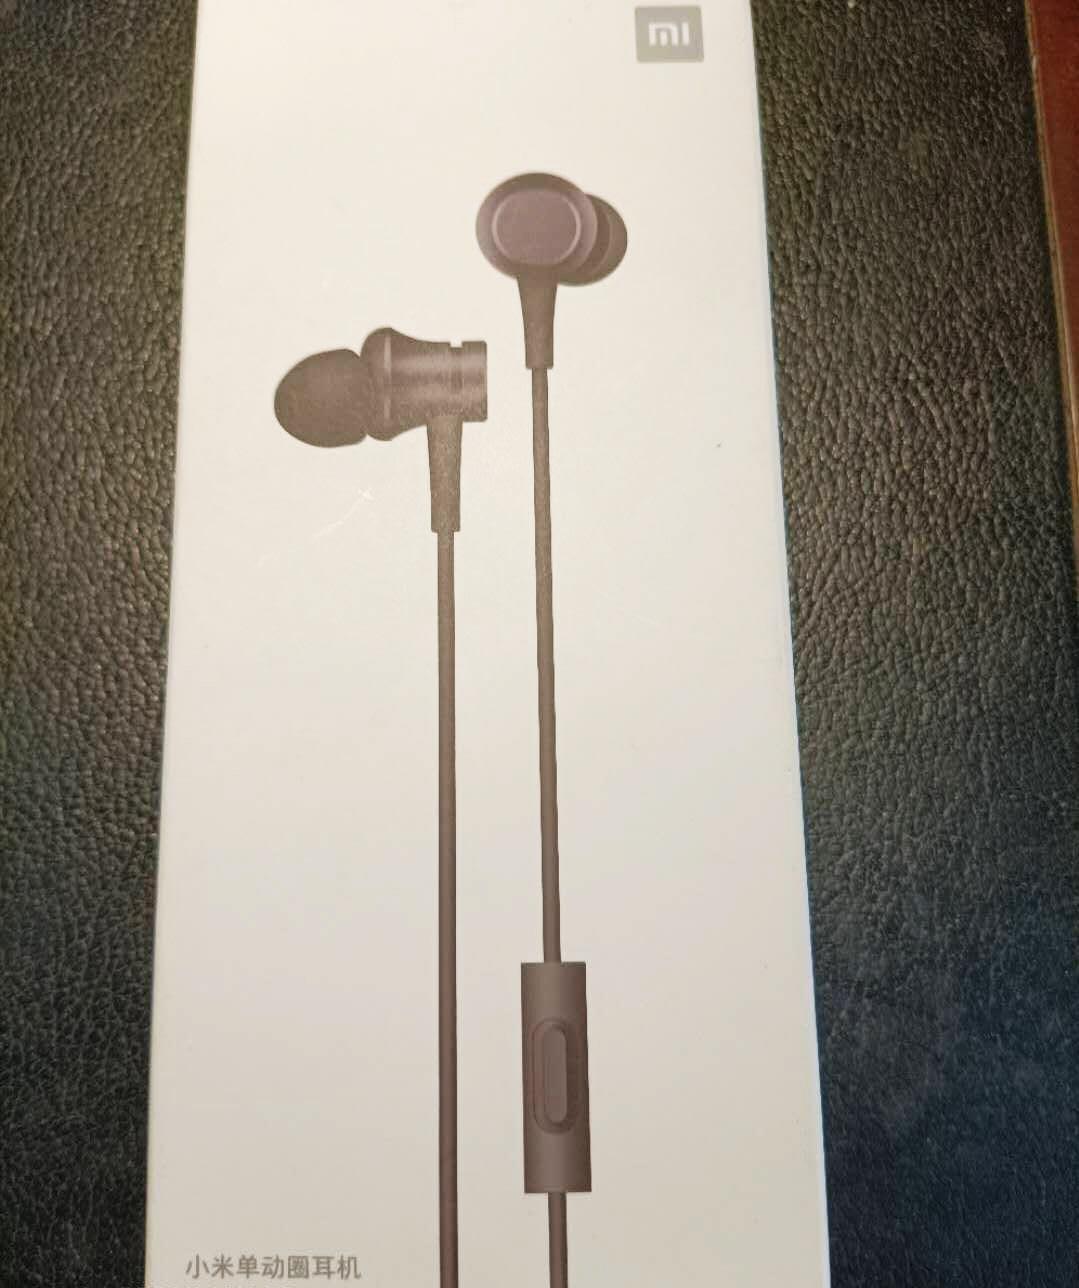 手机卖场赠送的耳机咋与约定的不一样?